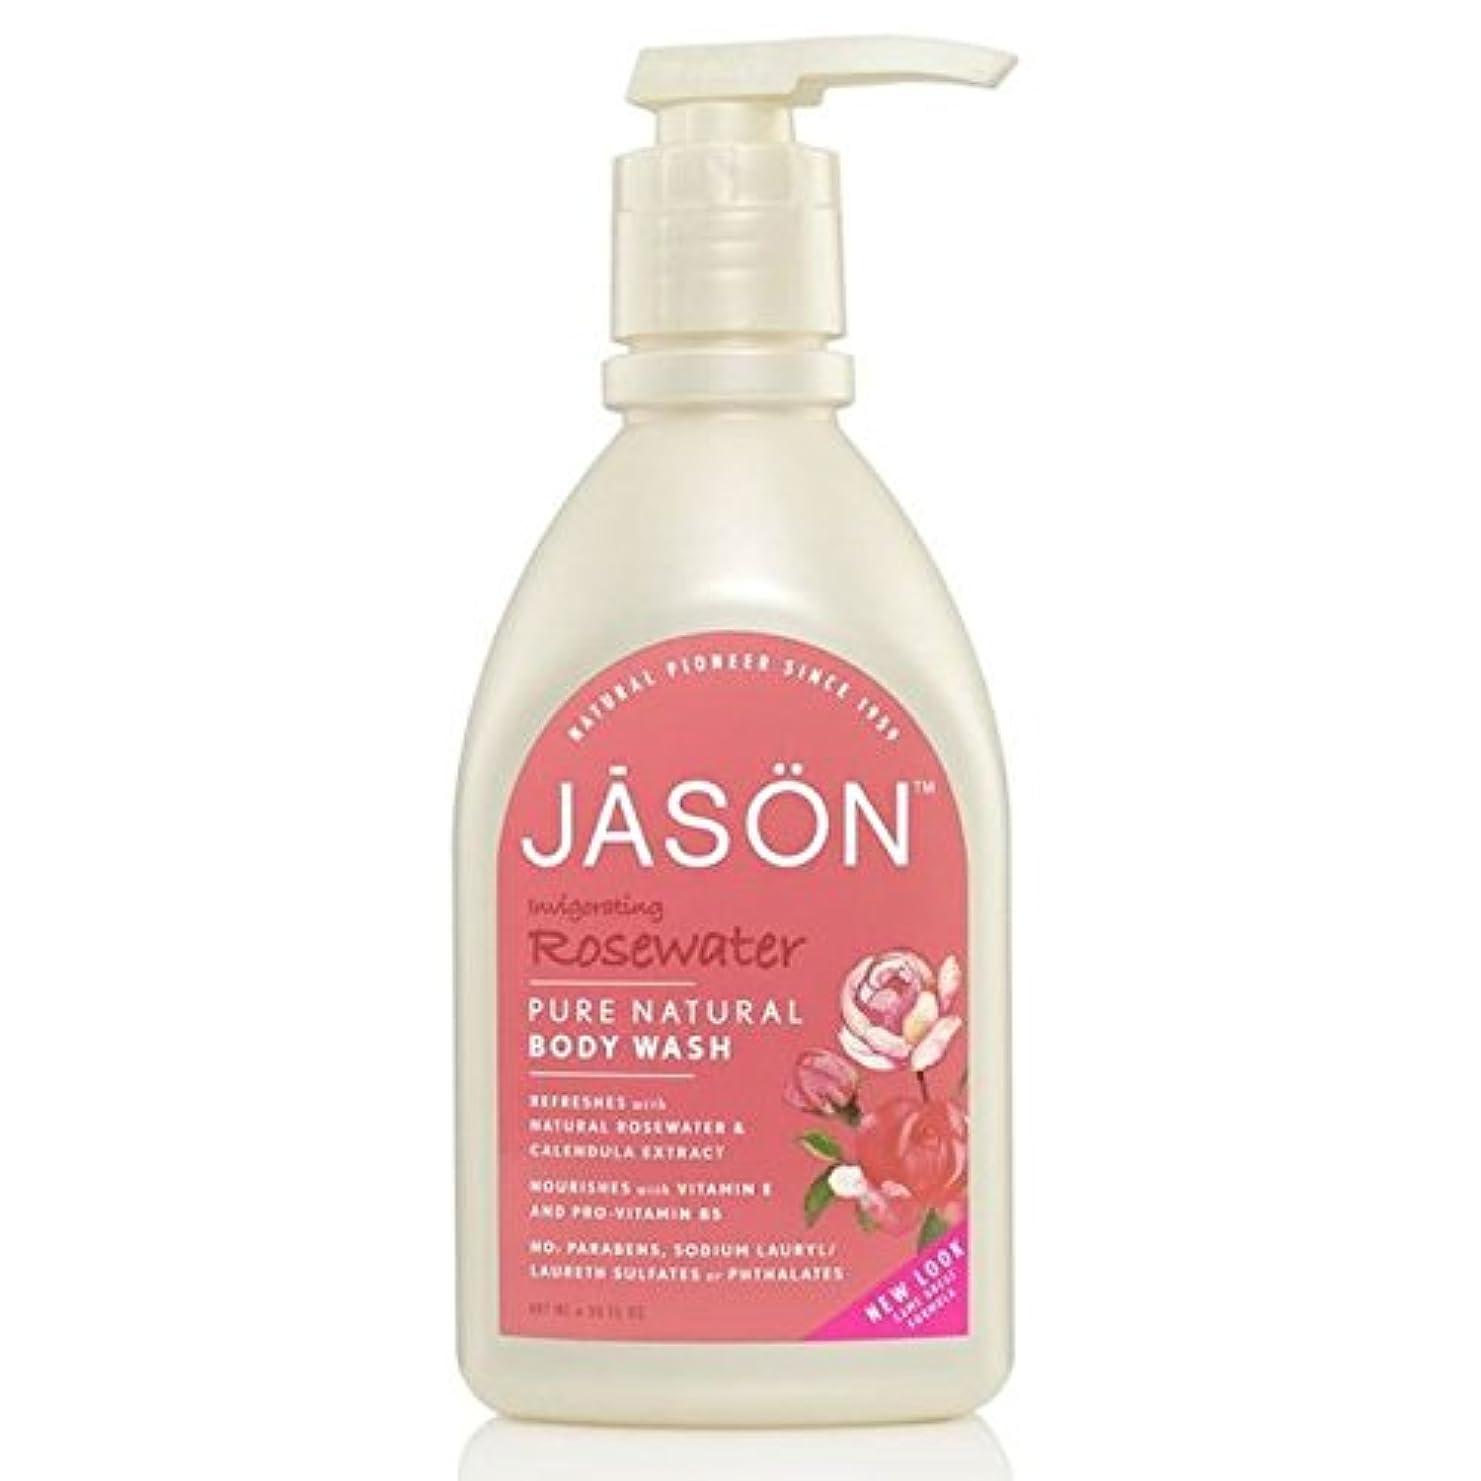 経過誓うスイス人Jason Body Wash Rosewater Satin Shower 900ml (Pack of 6) - ジェイソン?ボディウォッシュローズウォーターサテンシャワー900ミリリットル x6 [並行輸入品]